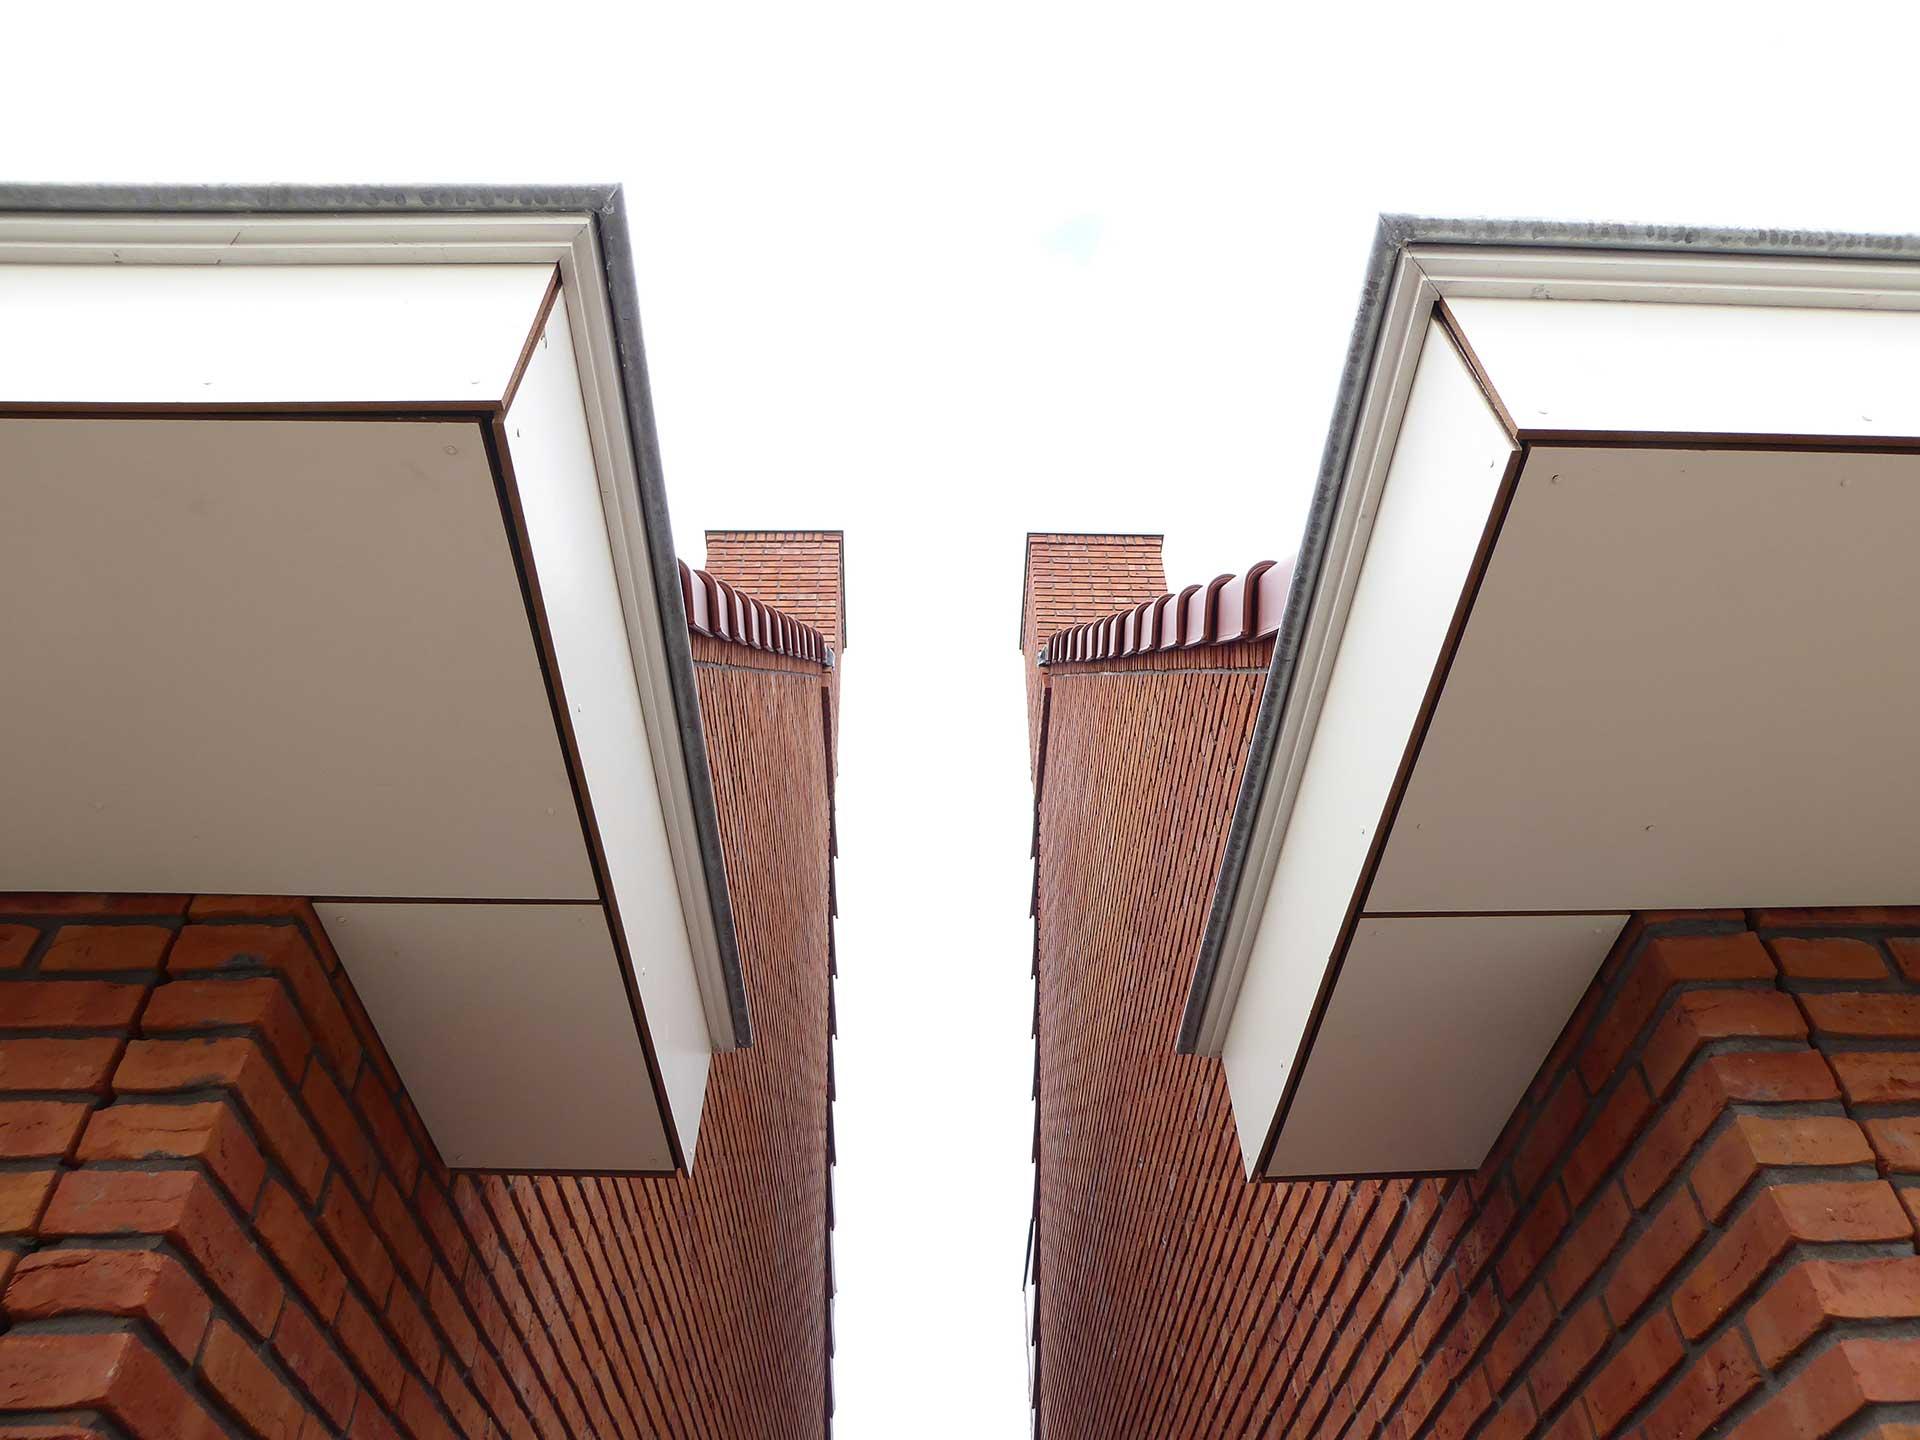 Havenbuurt Zaandam doorkijkje tussen twee huizen met dakgoten en rode baksteen